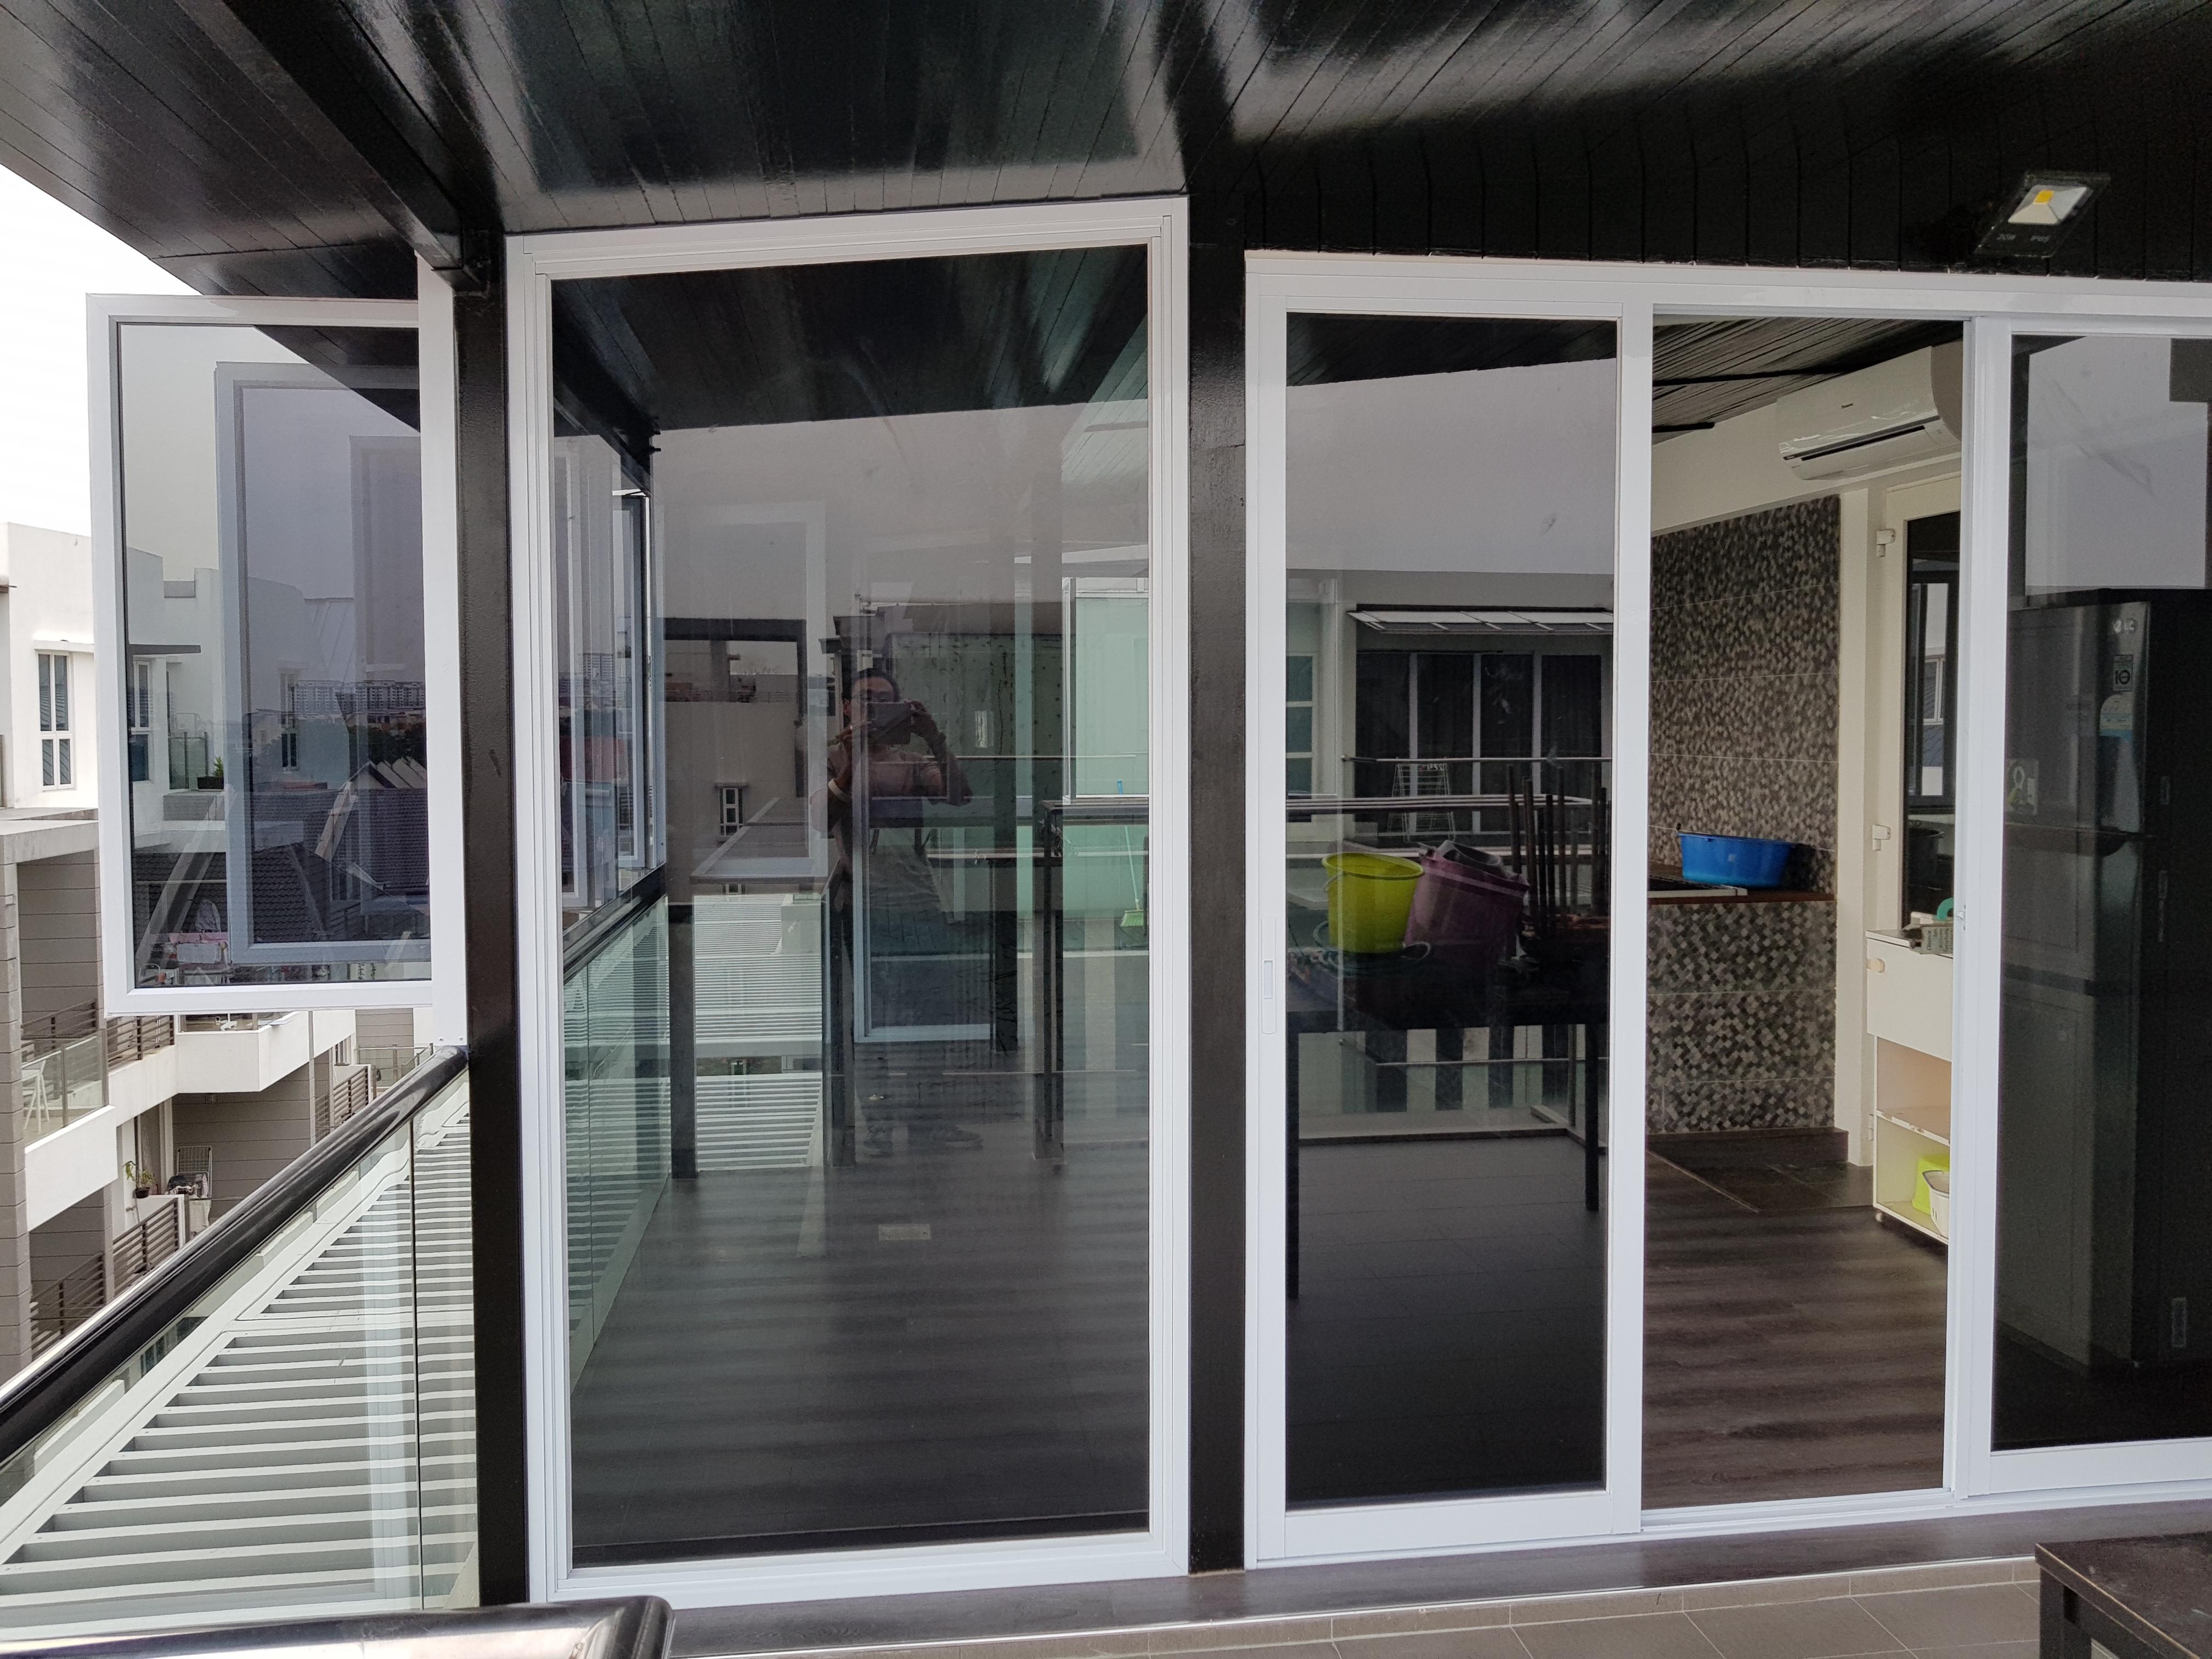 Landed Property at Palm Vista by Brilliance -slide door